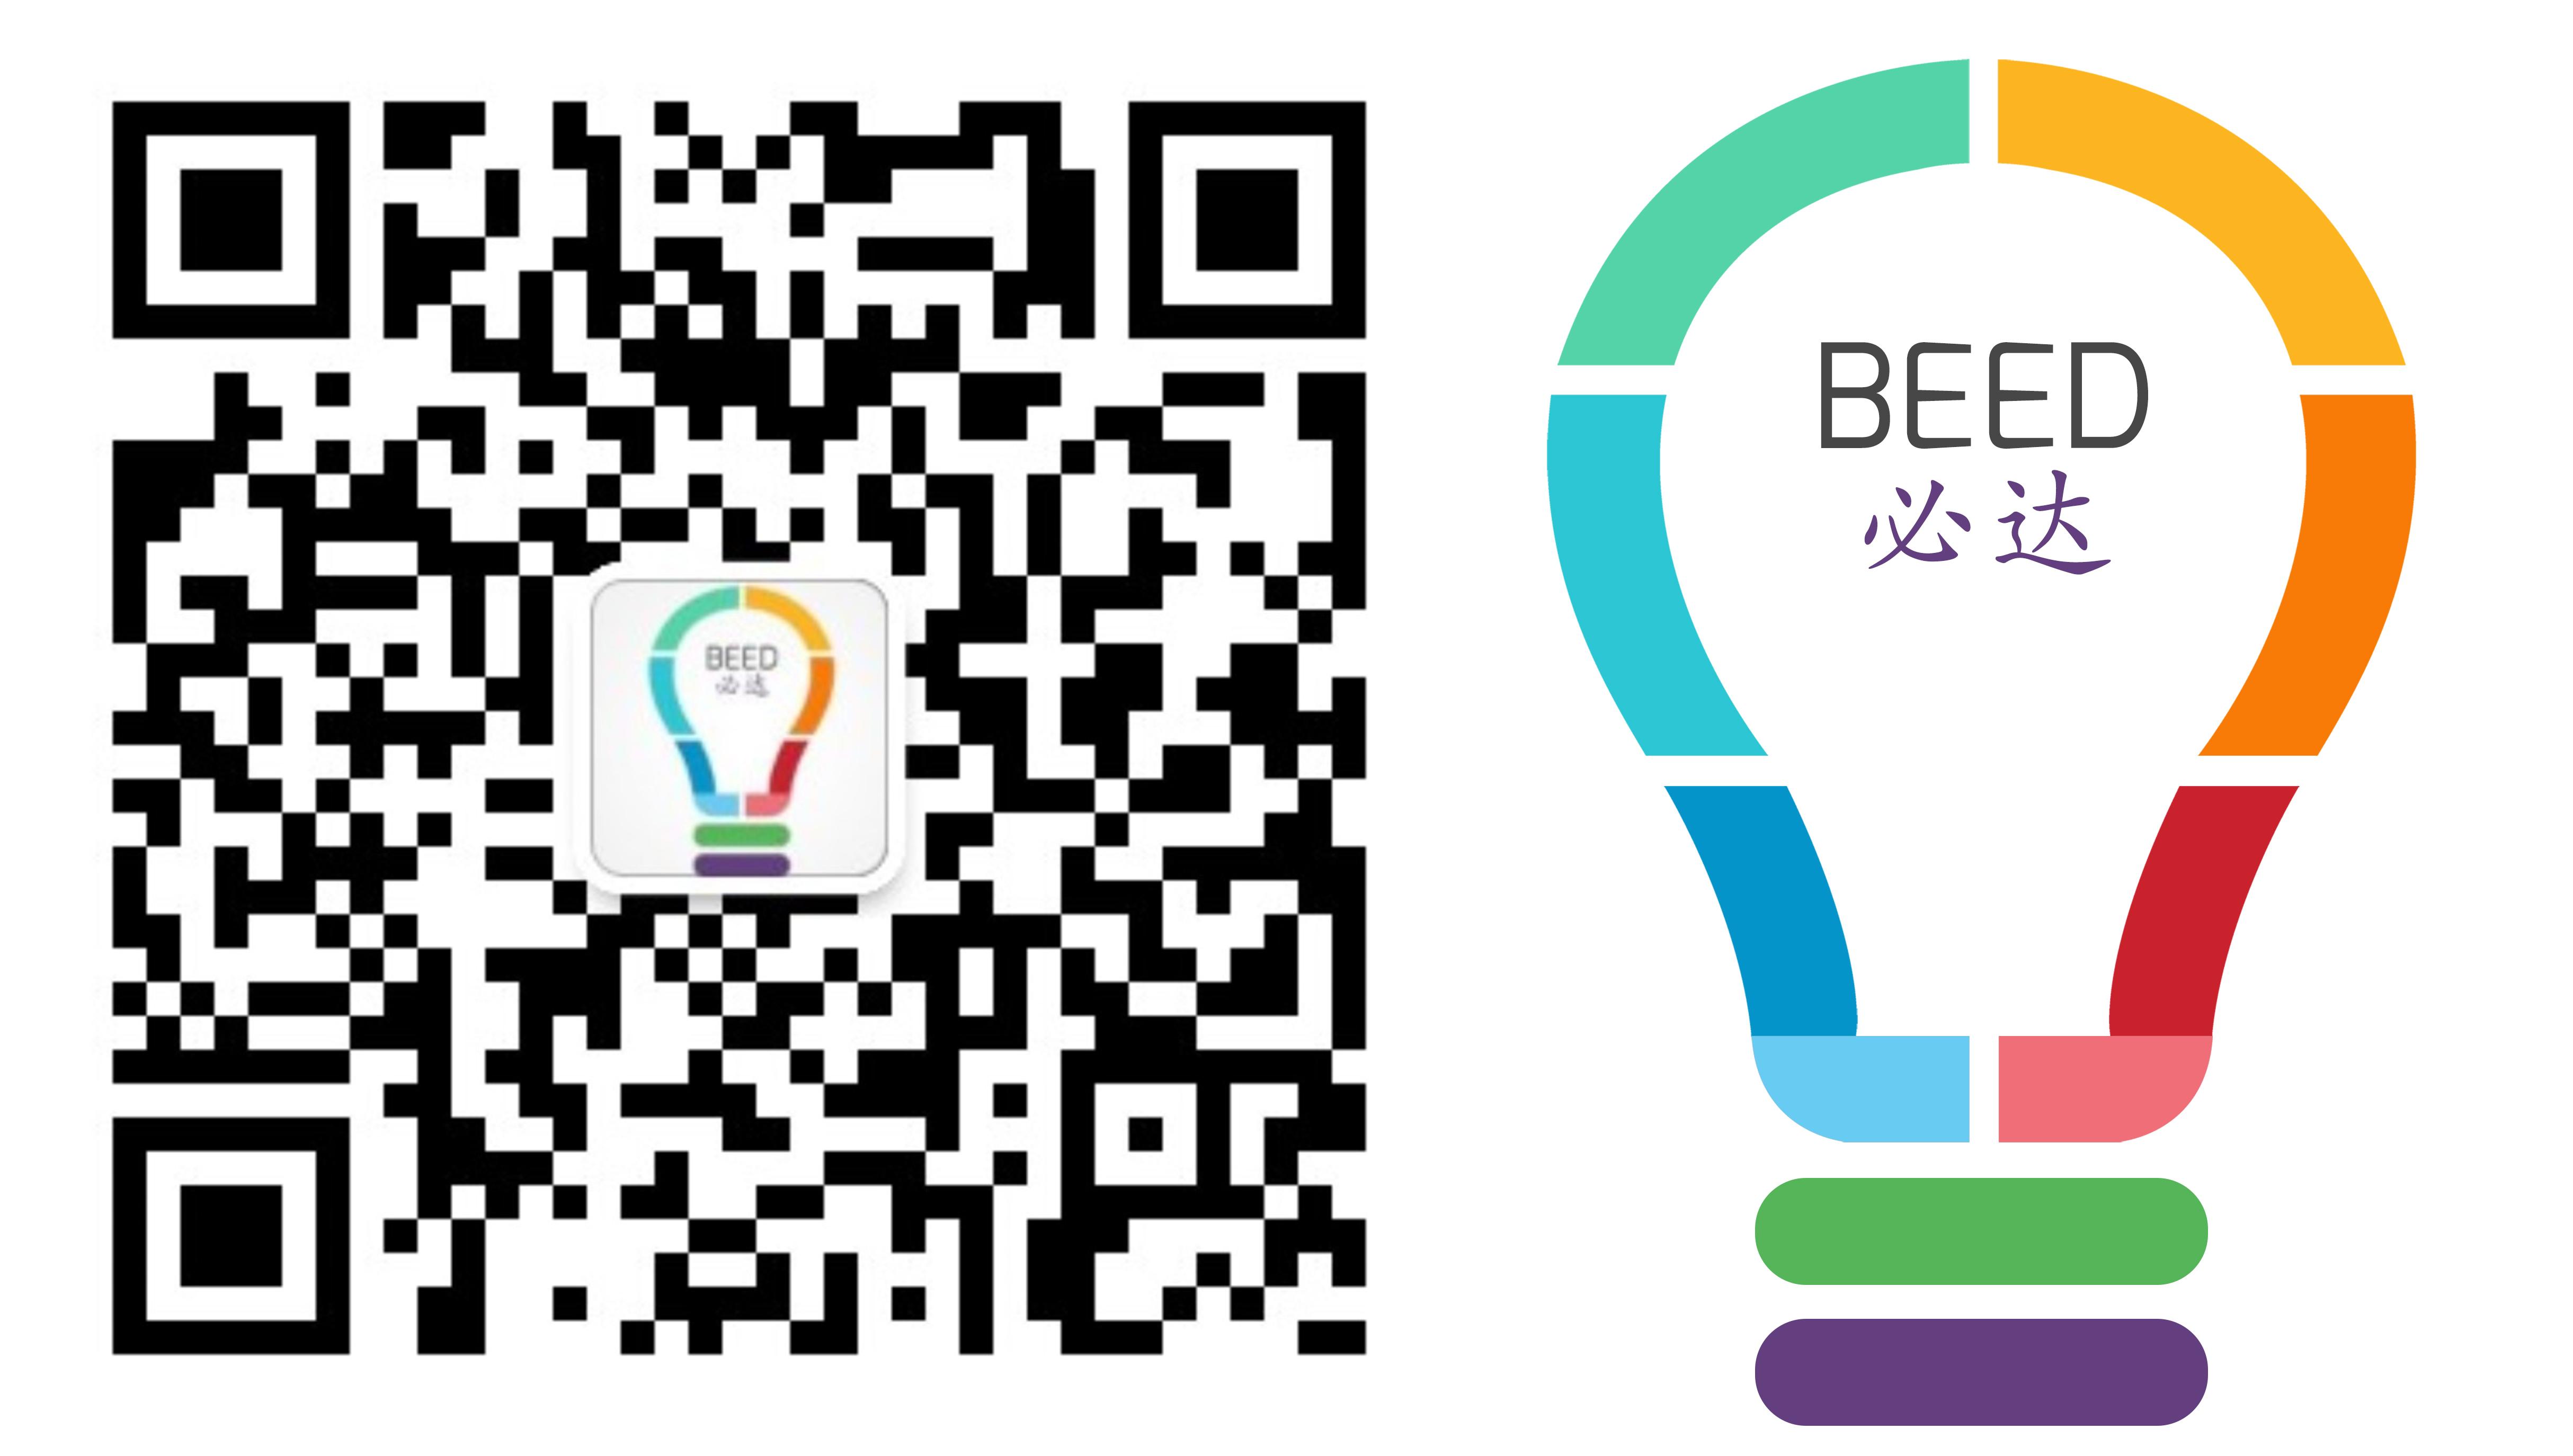 logo-beed-code%e8%ae%a2%e9%98%85%e5%8f%b7